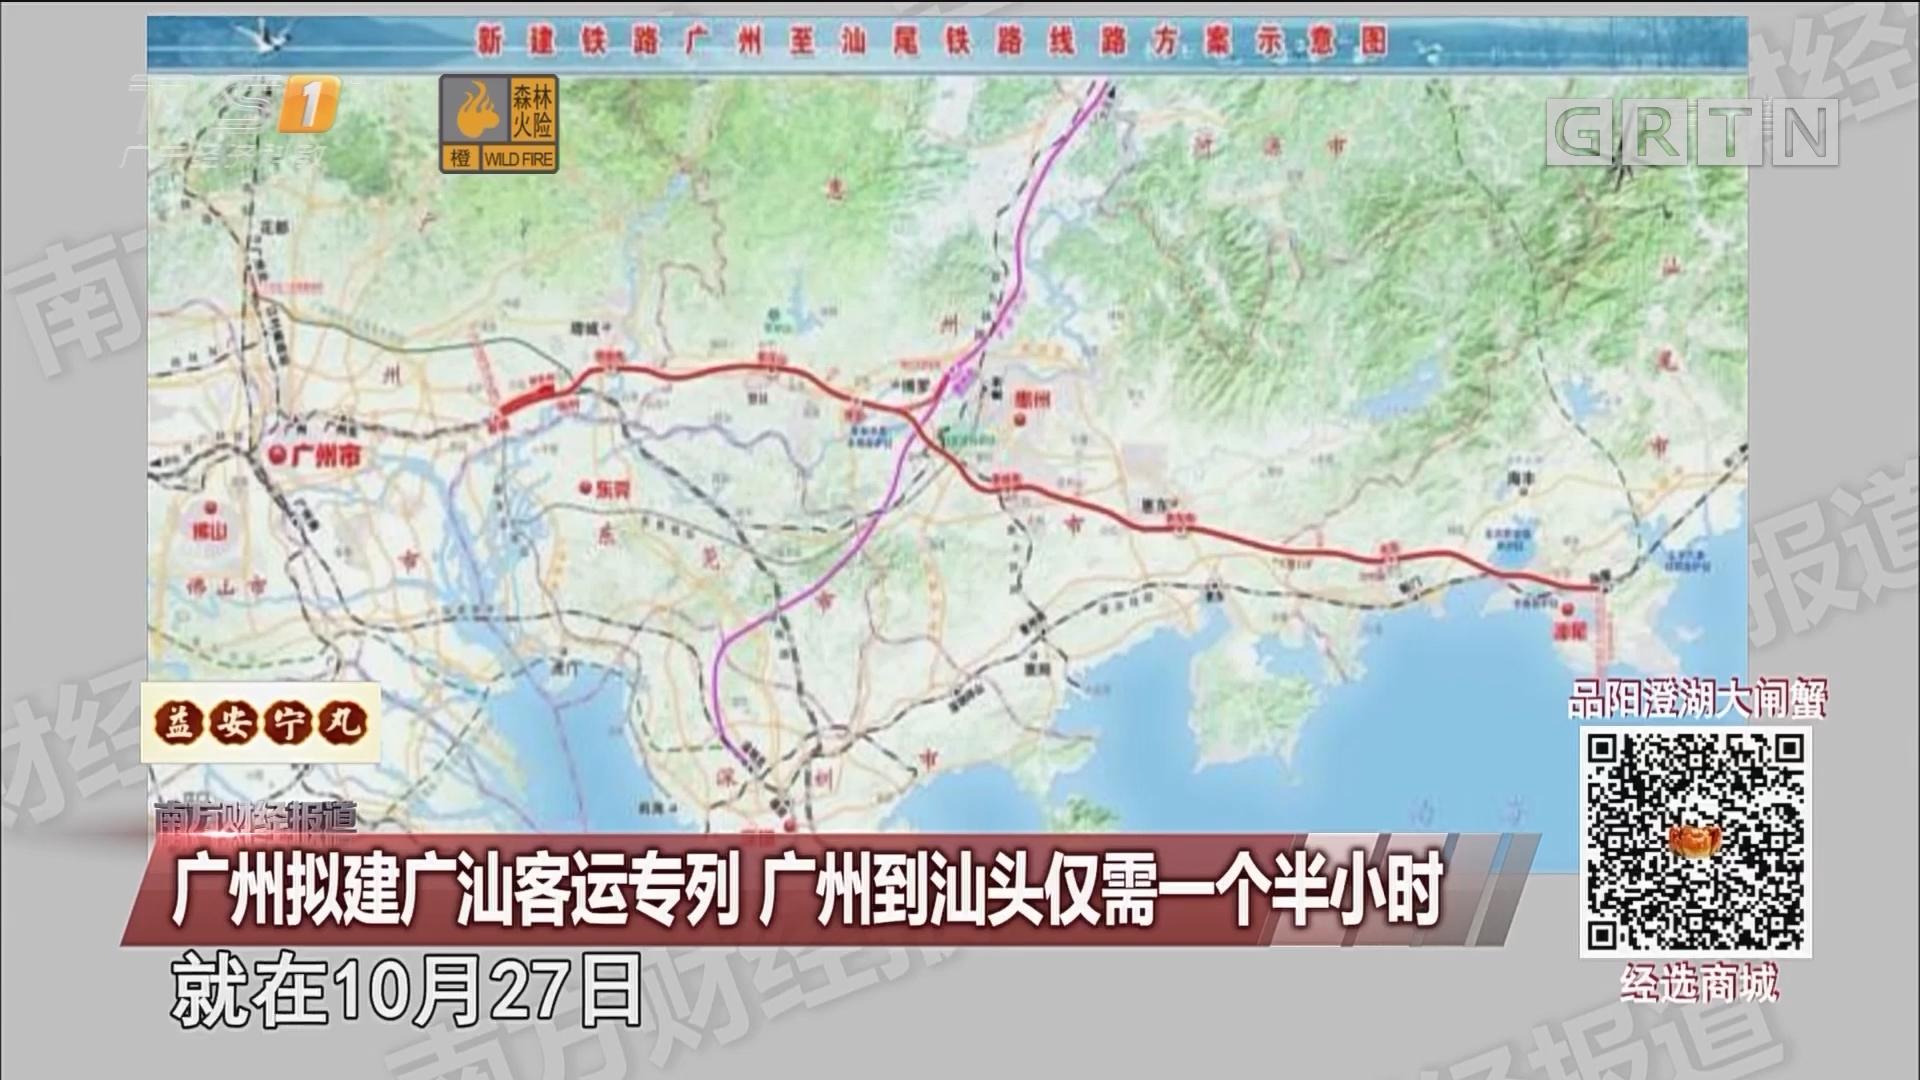 广州拟建广汕客运专列 广州到汕头仅需一个半小时